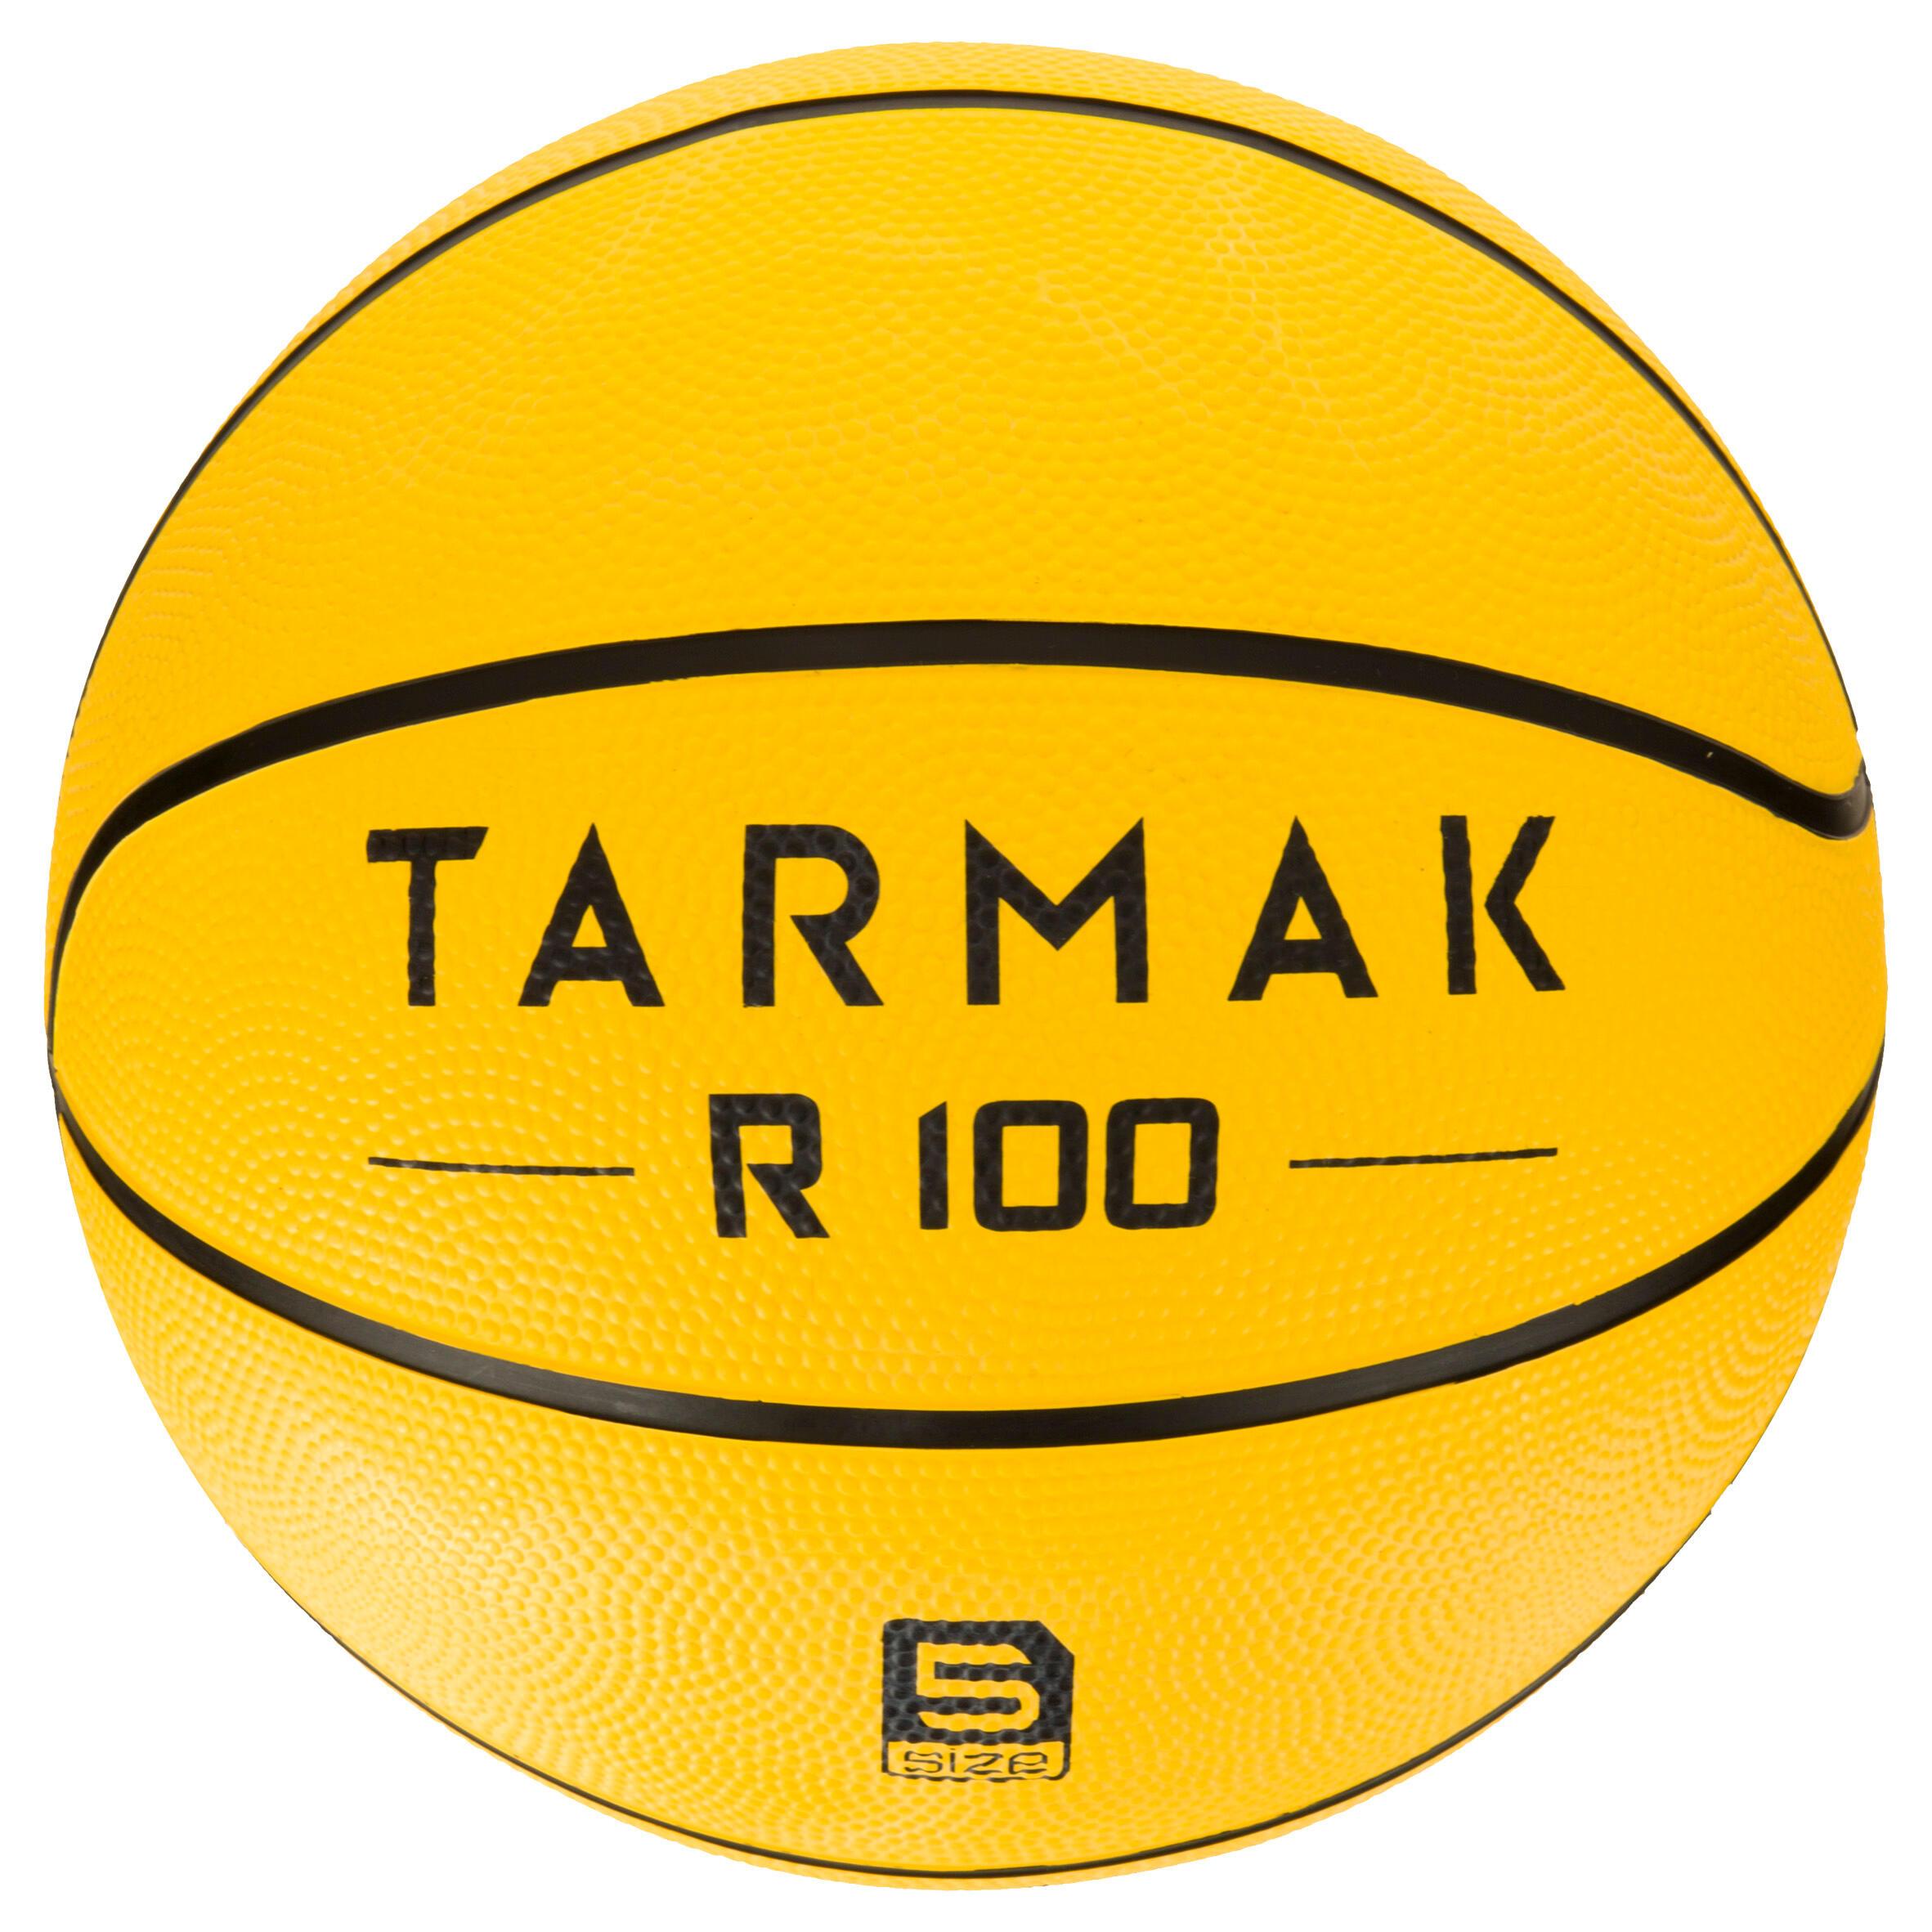 Tarmak Basketbal kinderen Tarmak 100 maat 5